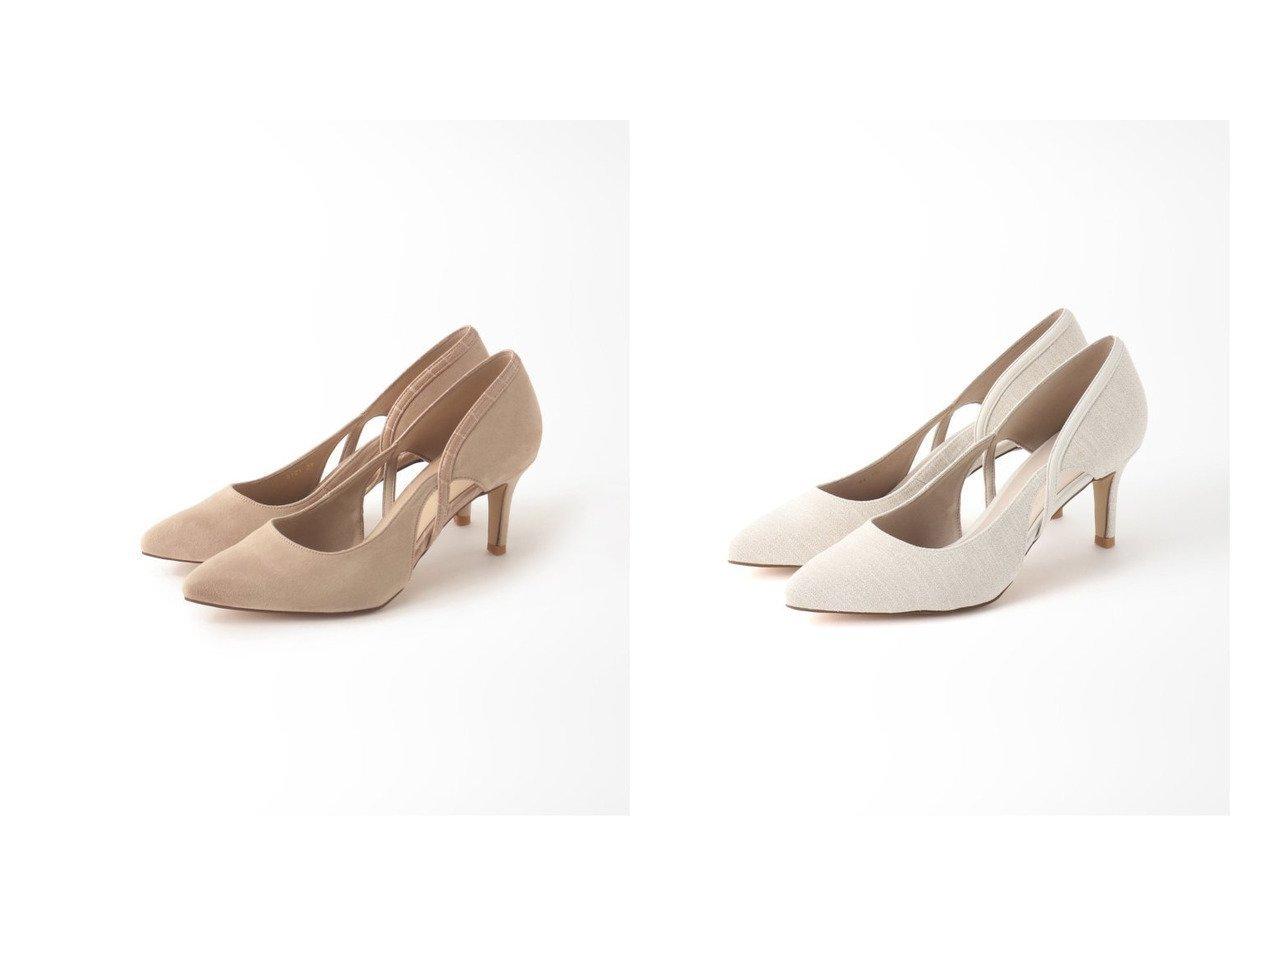 【Le Talon/ル タロン】の7cmサイドオープンウェーブパンプス 【シューズ・靴】おすすめ!人気、トレンド・レディースファッションの通販   おすすめで人気の流行・トレンド、ファッションの通販商品 インテリア・家具・メンズファッション・キッズファッション・レディースファッション・服の通販 founy(ファニー) https://founy.com/ ファッション Fashion レディースファッション WOMEN 2021年 2021 2021春夏・S/S SS/Spring/Summer/2021 S/S・春夏 SS・Spring/Summer インソール クッション シューズ プレーン 再入荷 Restock/Back in Stock/Re Arrival 春 Spring |ID:crp329100000050462